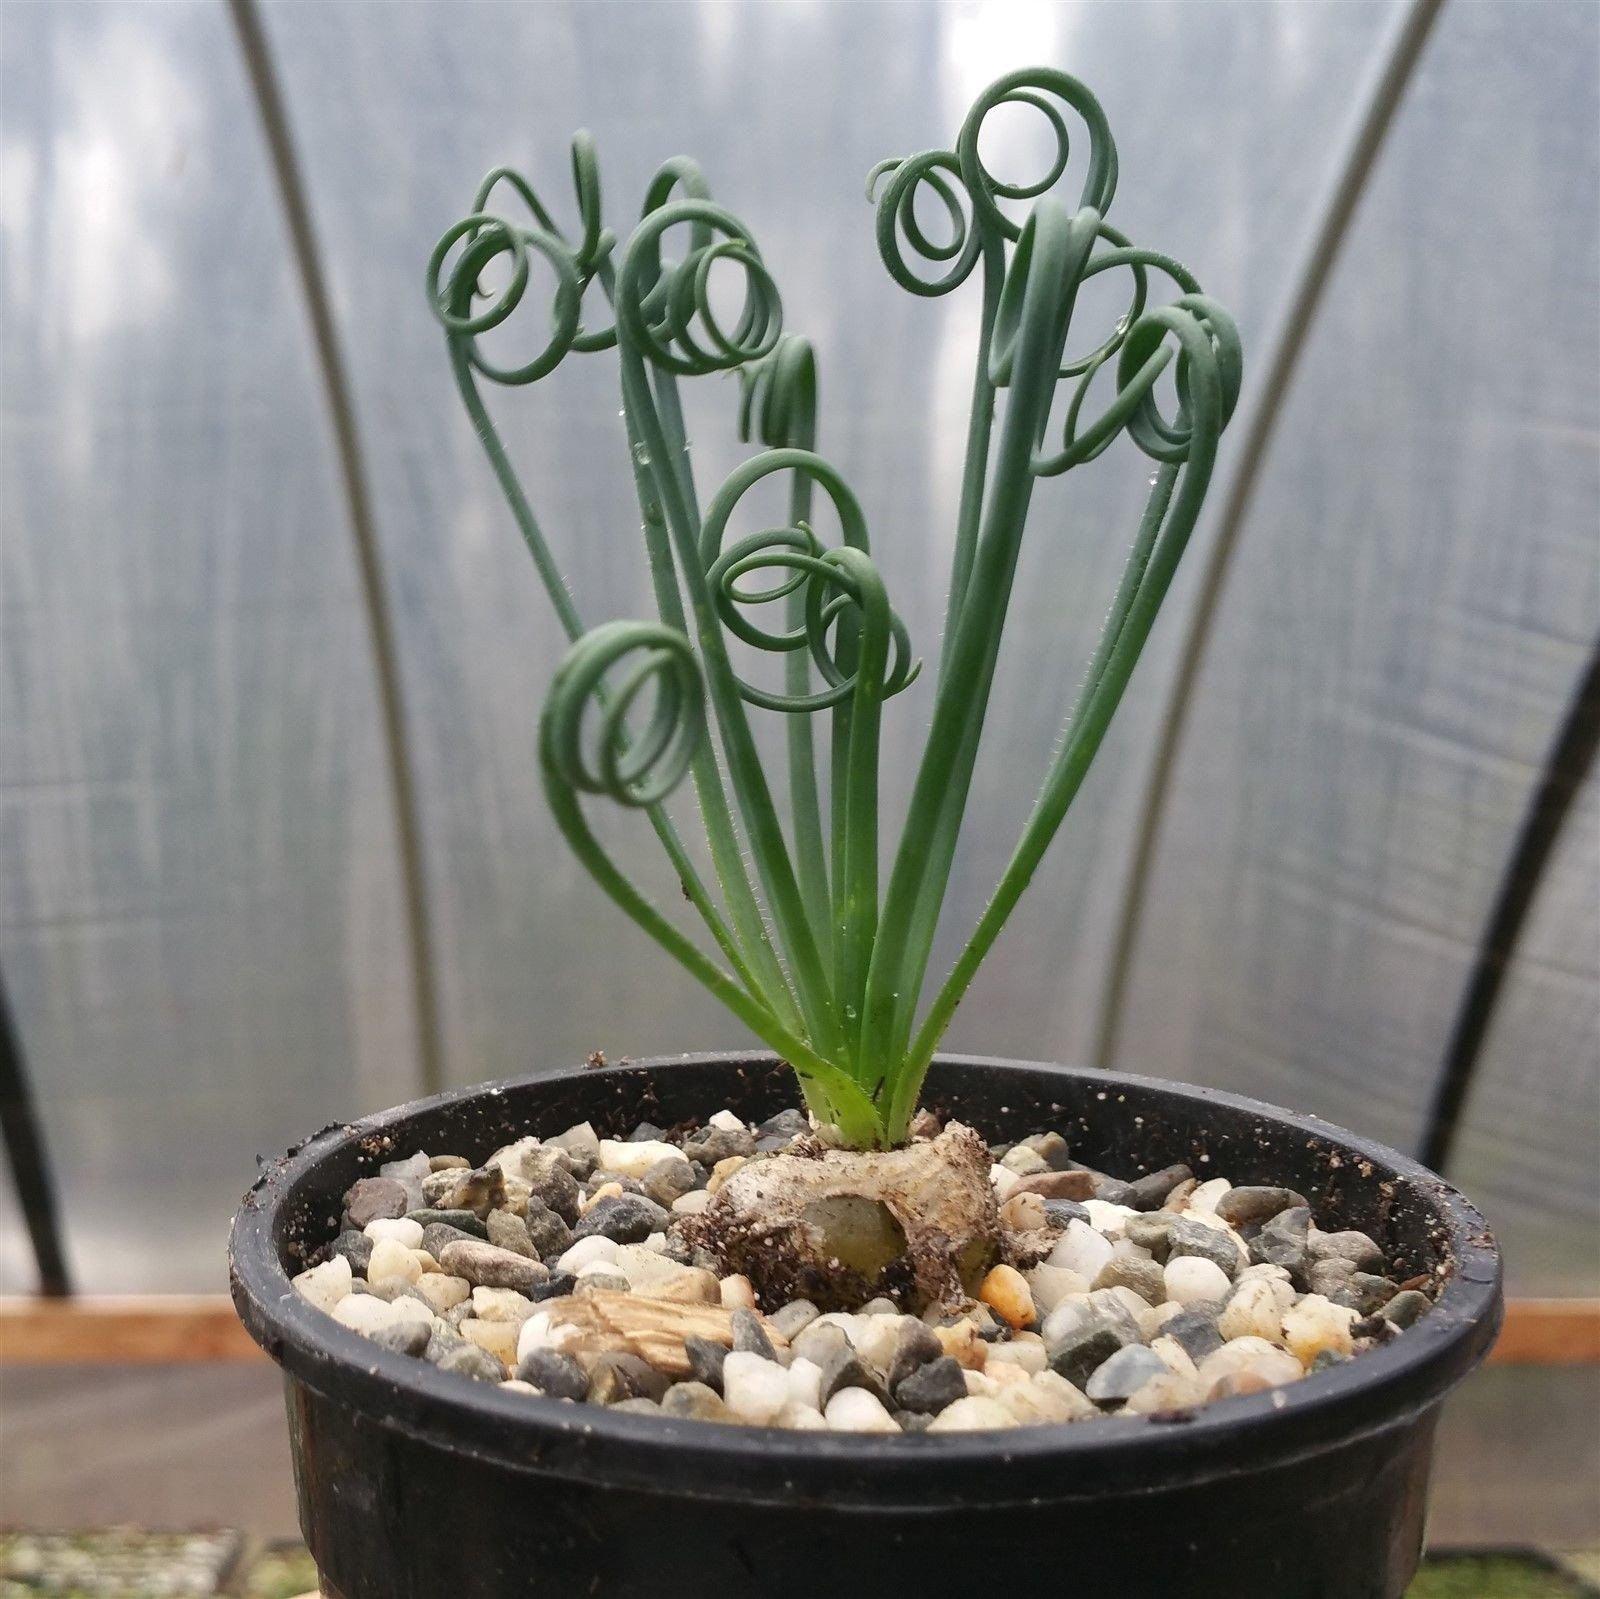 Albuca spiralis Cactus Cacti Succulent Real Live Plant